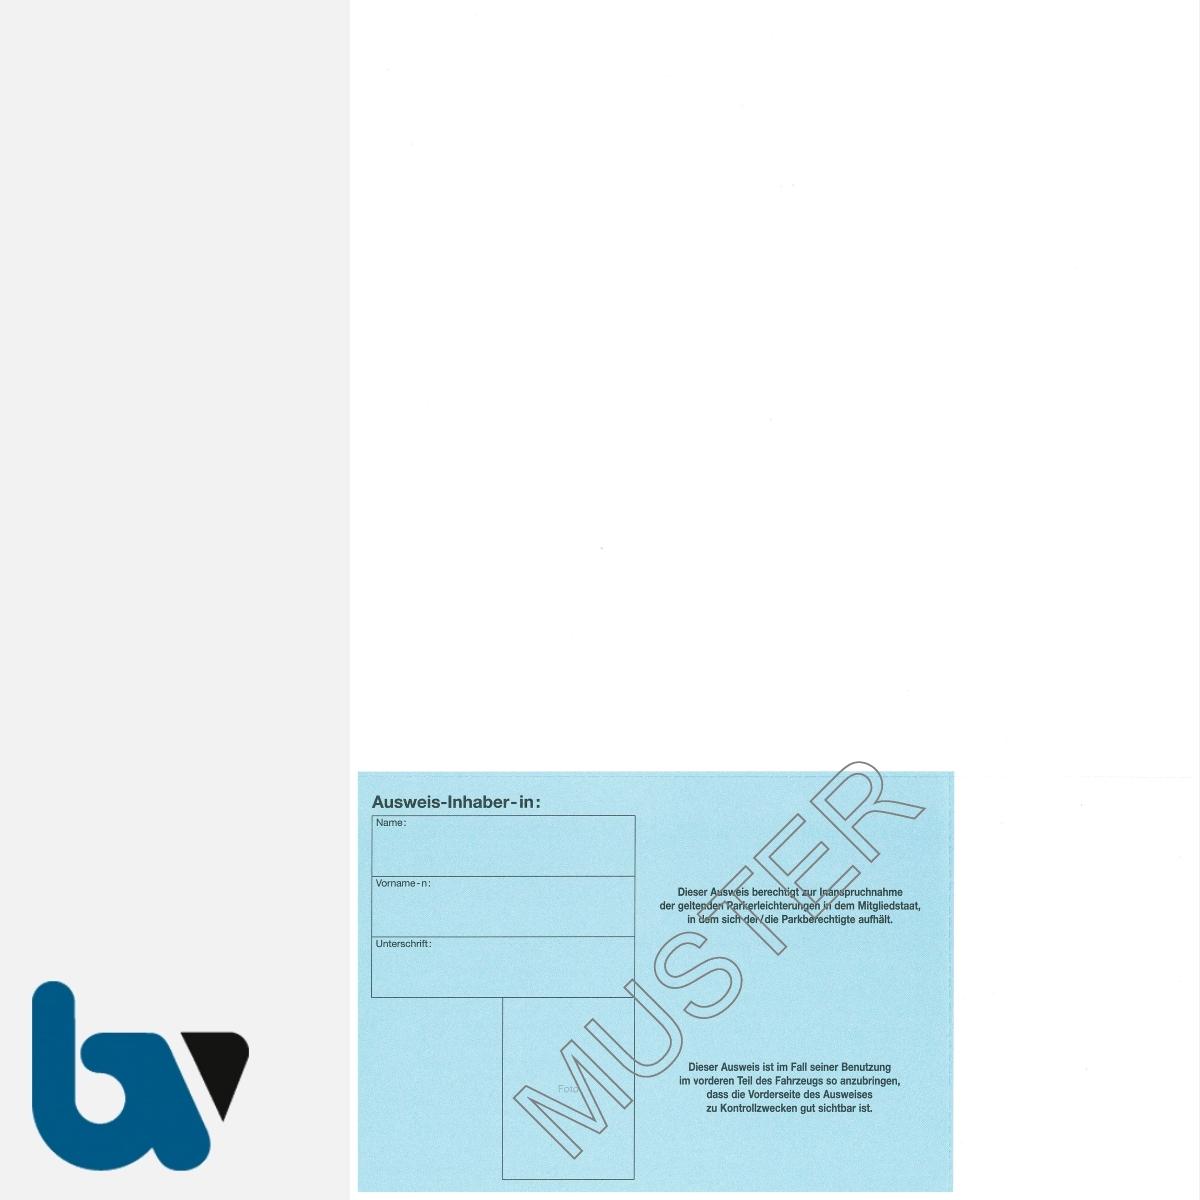 0/685-5.5 EU-einheitlicher Parkausweis Ausnahmegenehmigung Parkerleichterungen europäisch blau Modell behinderte Menschen perforiert zum Abtrennen DIN A4 RS | Borgard Verlag GmbH